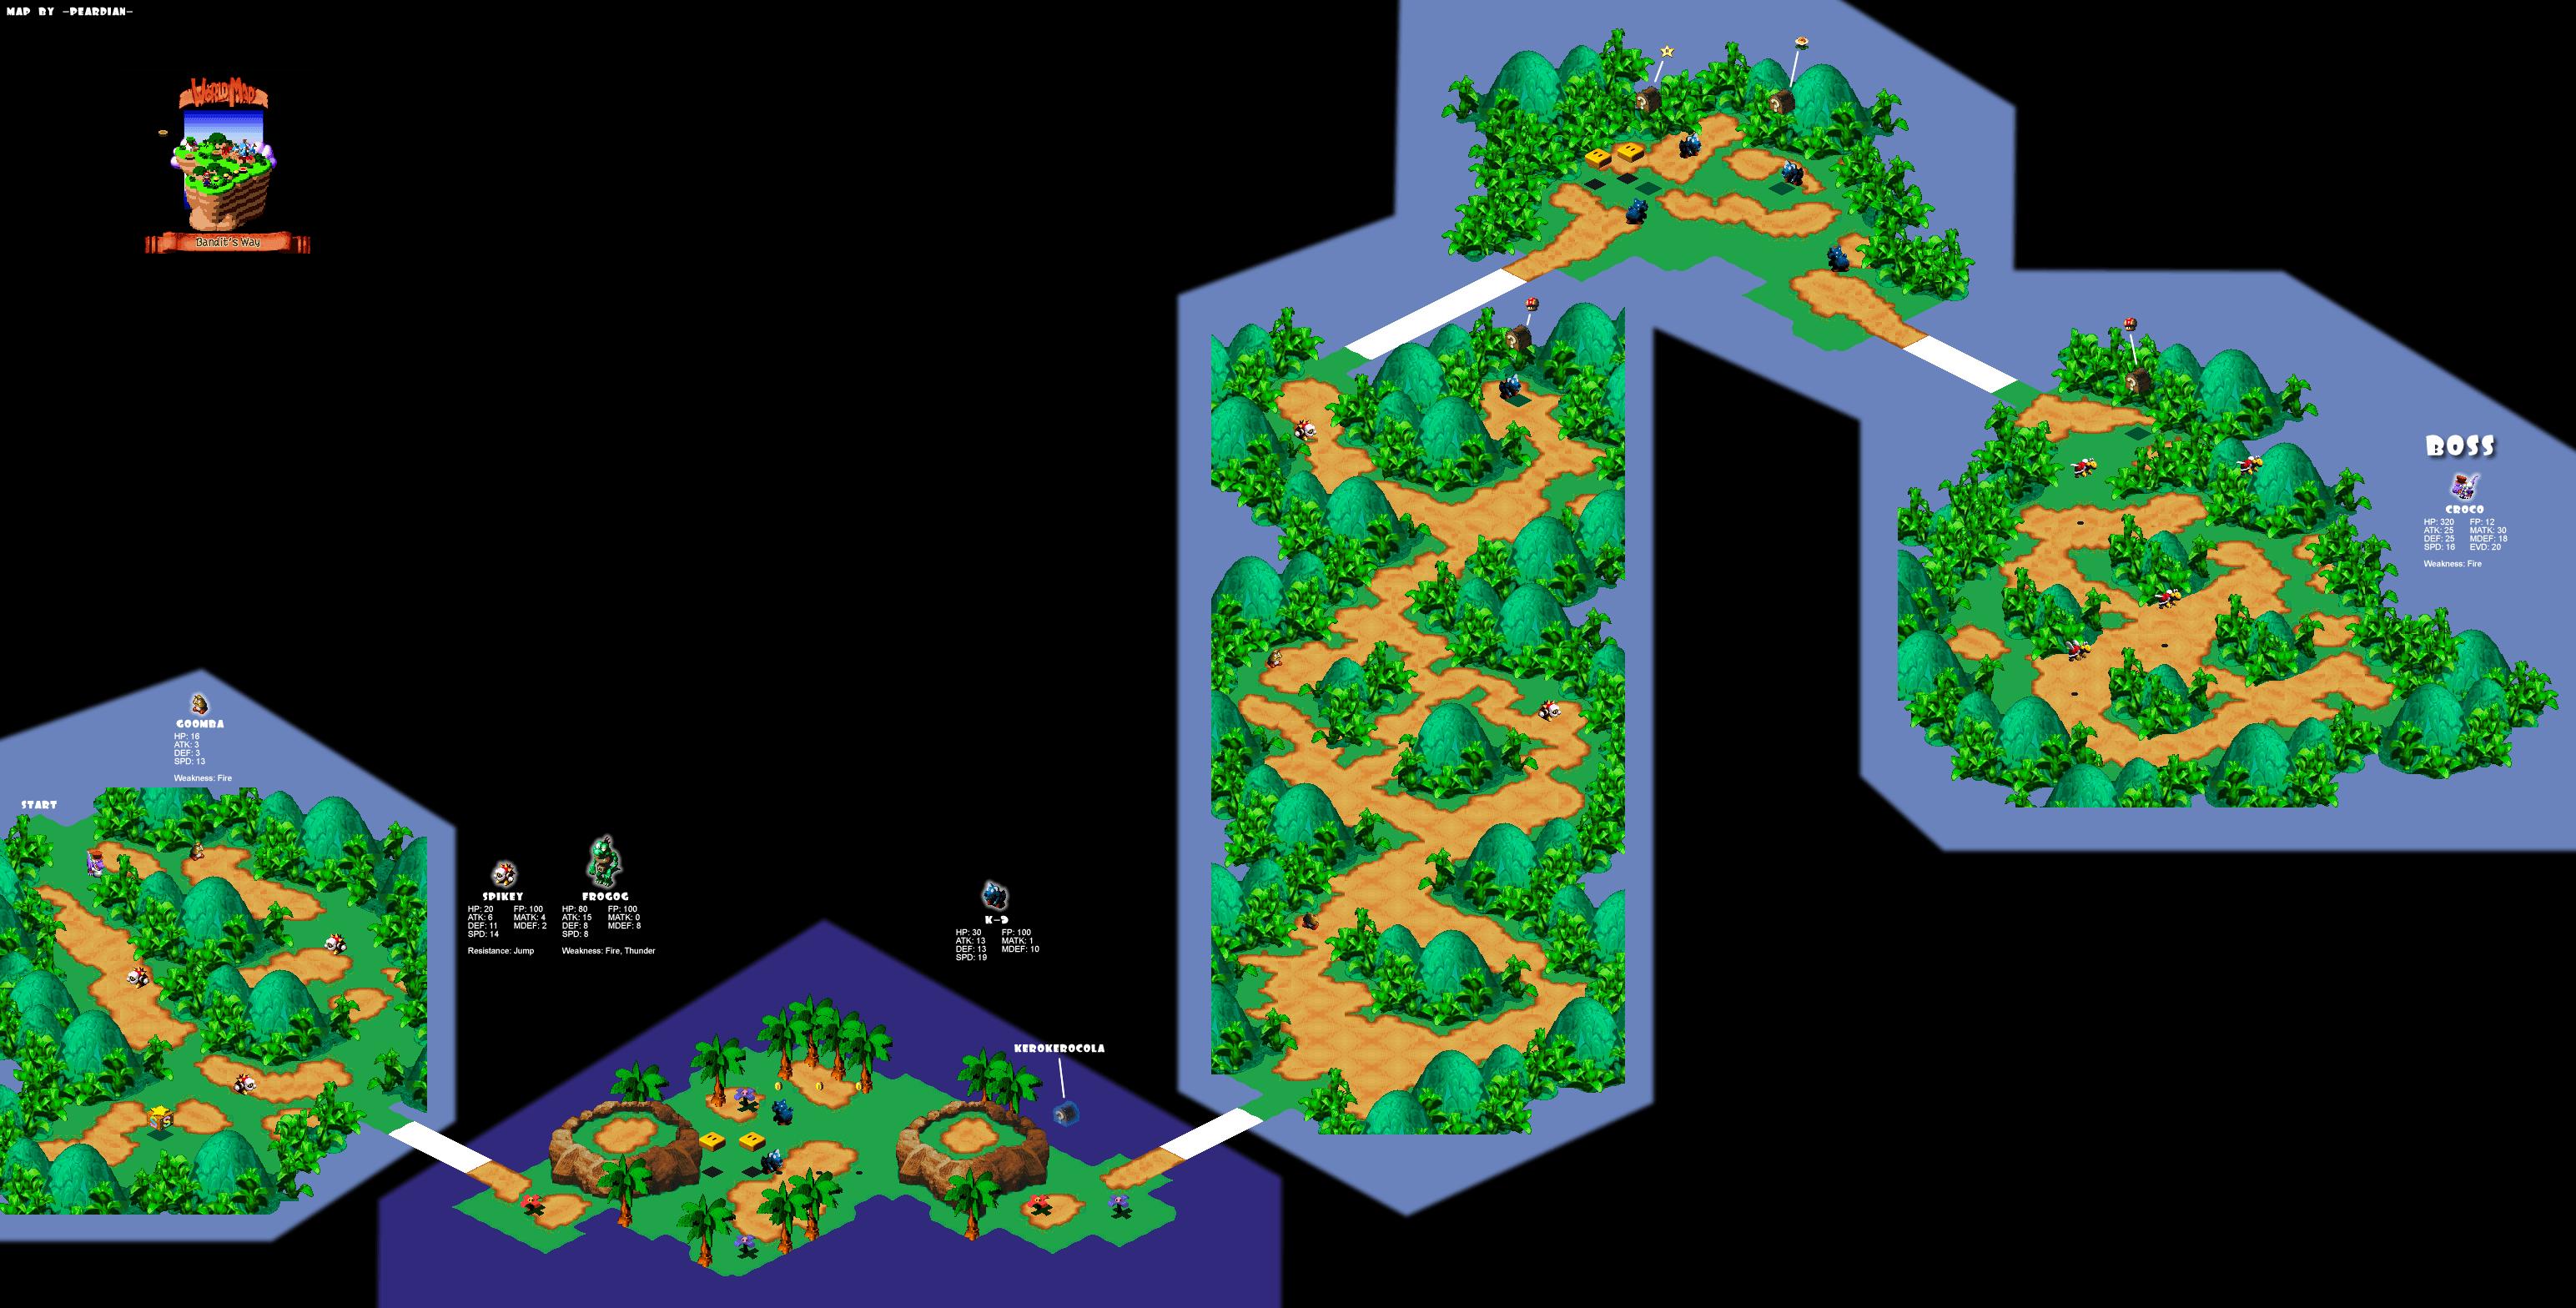 Super Mario Rpg Maps